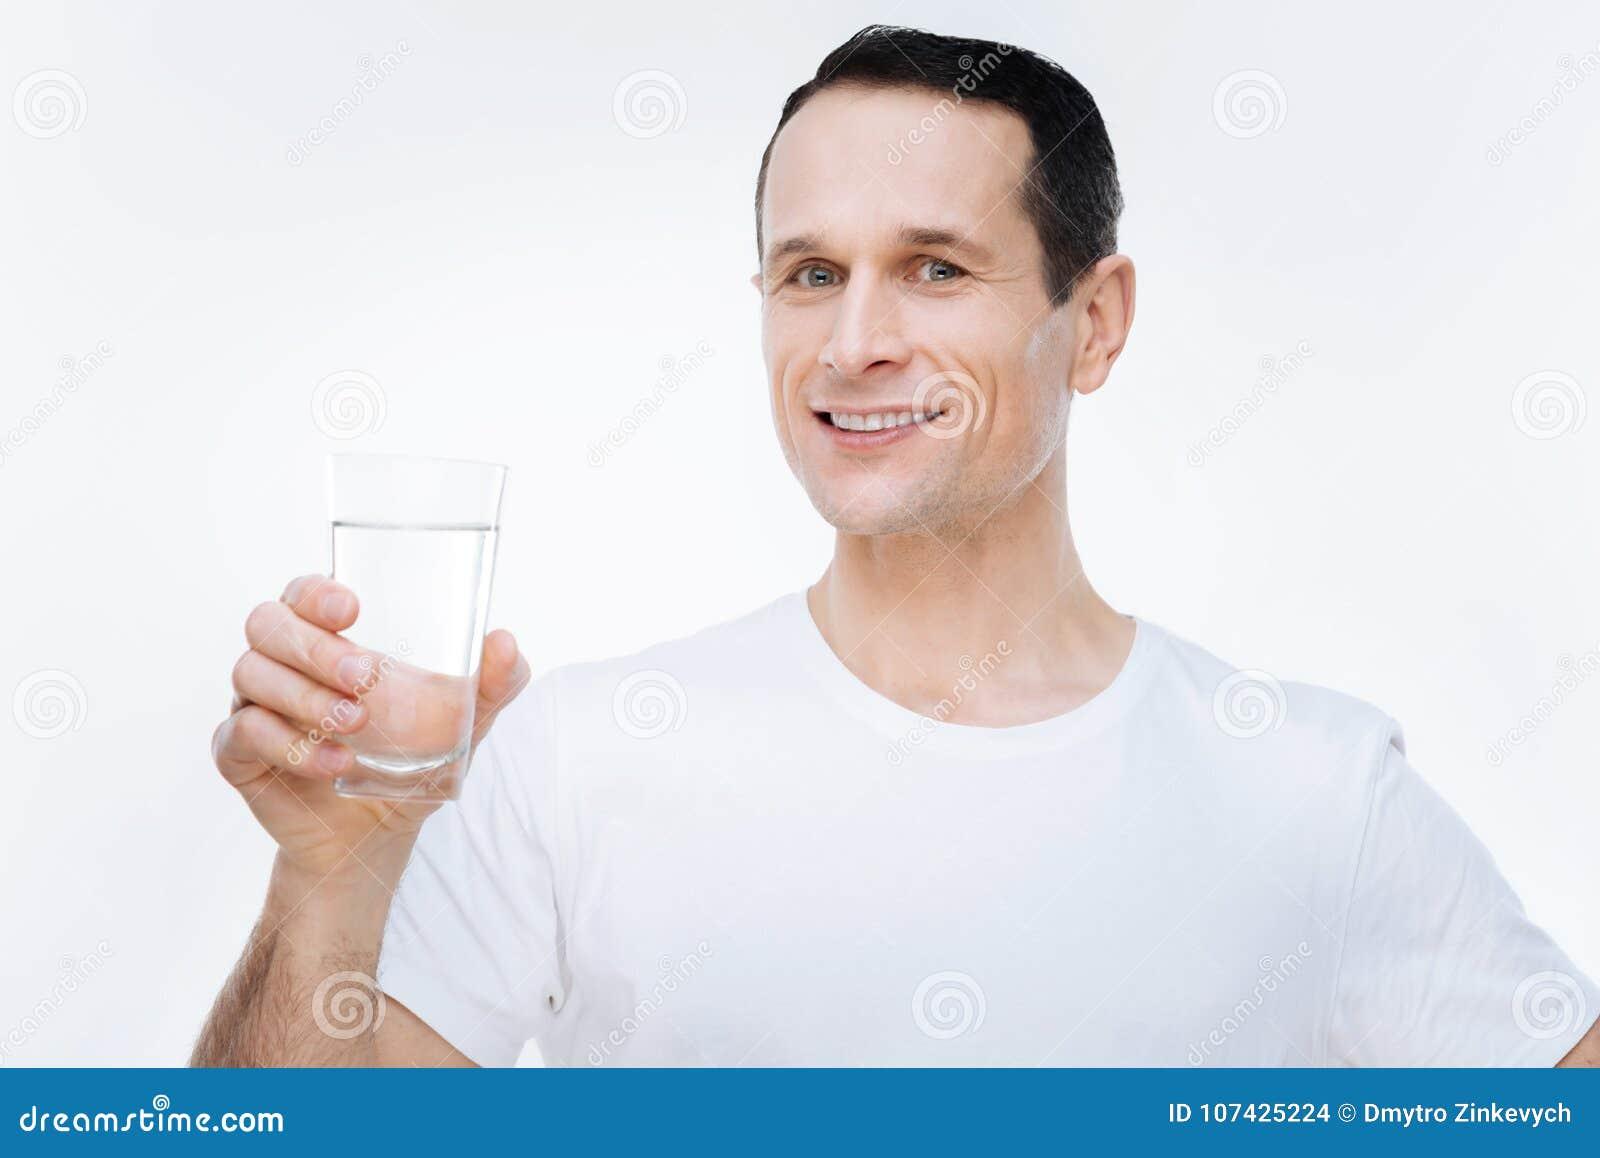 Ευχαριστημένος υγιής άνδρας που οδηγεί τον υγιή τρόπο ζωής